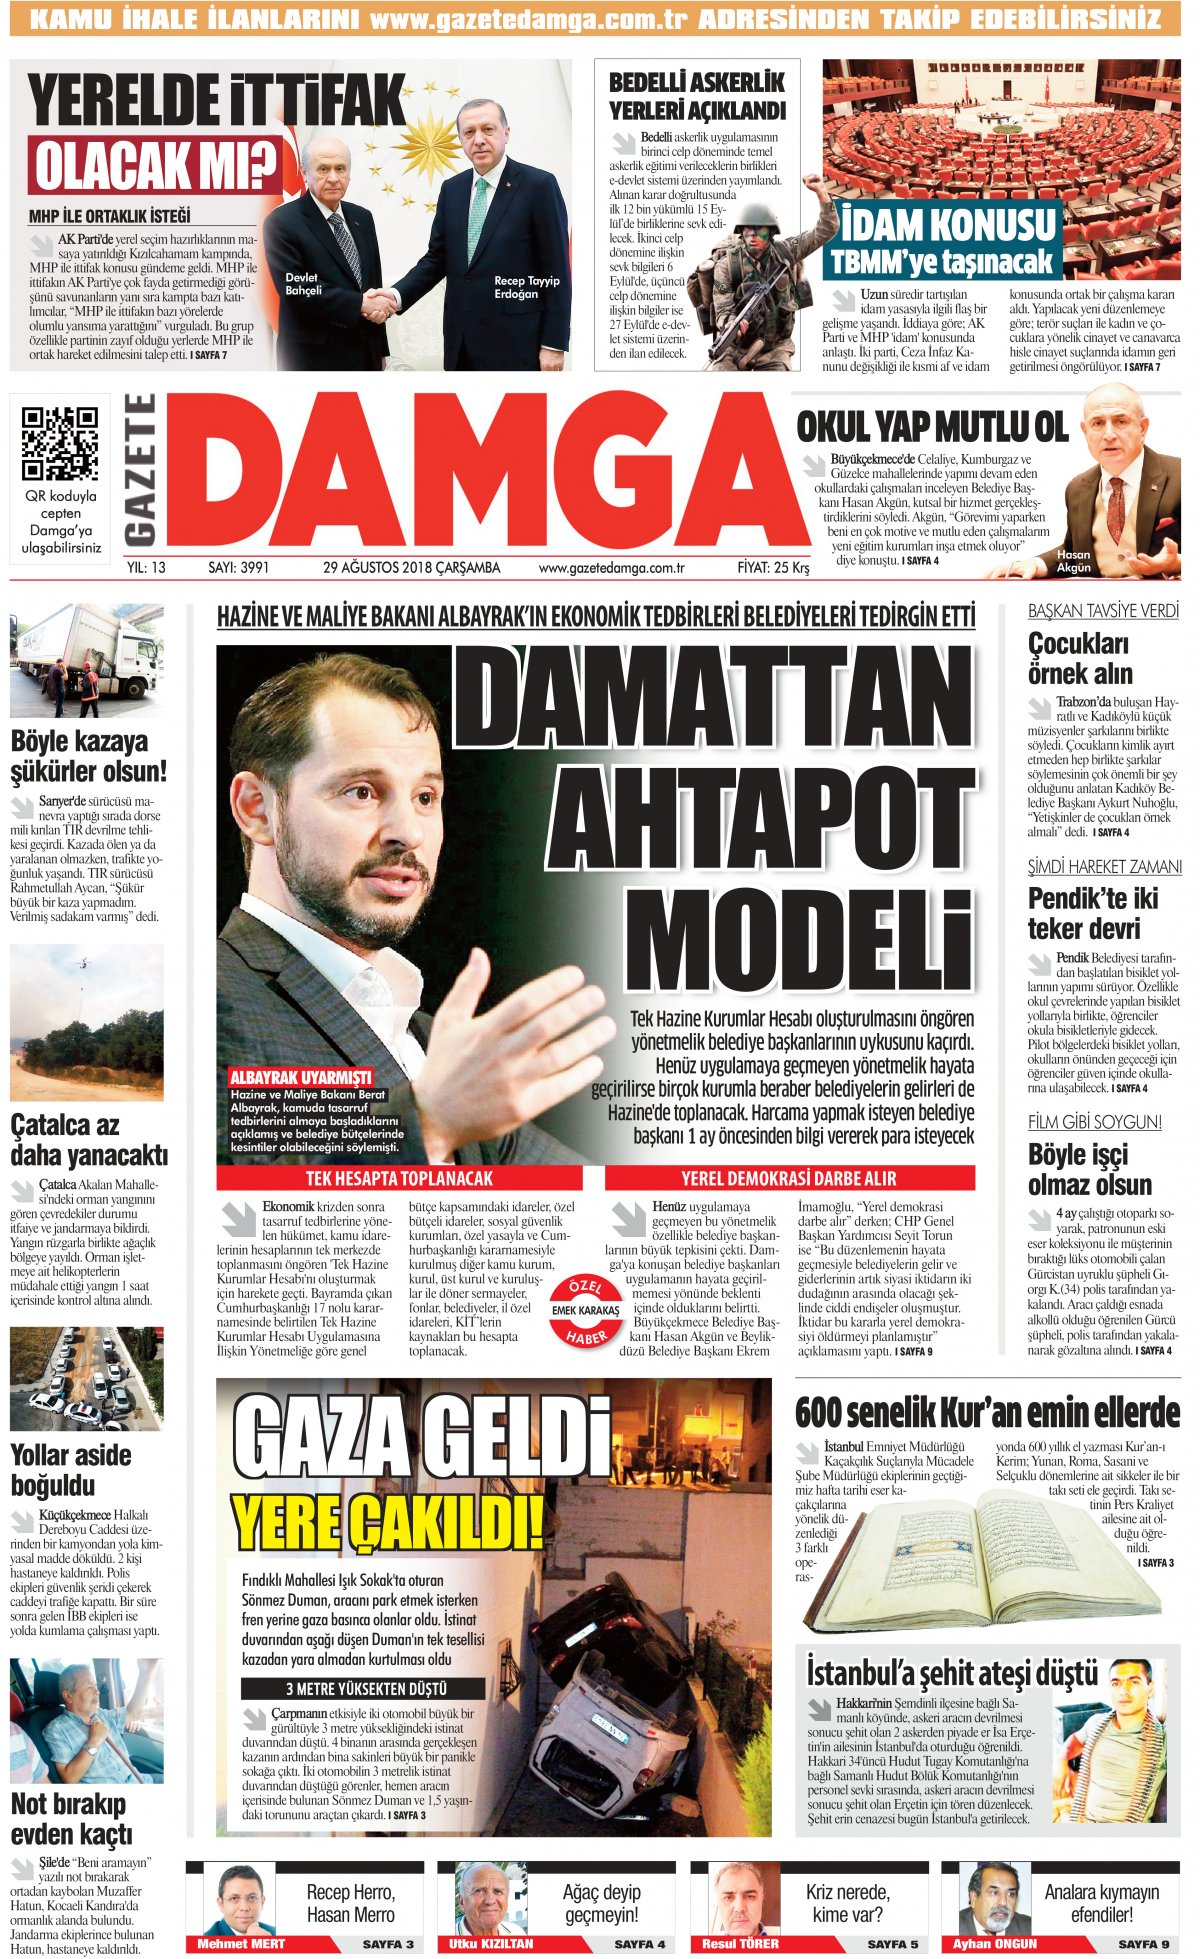 Gazete Damga - 29.08.2018 Manşeti